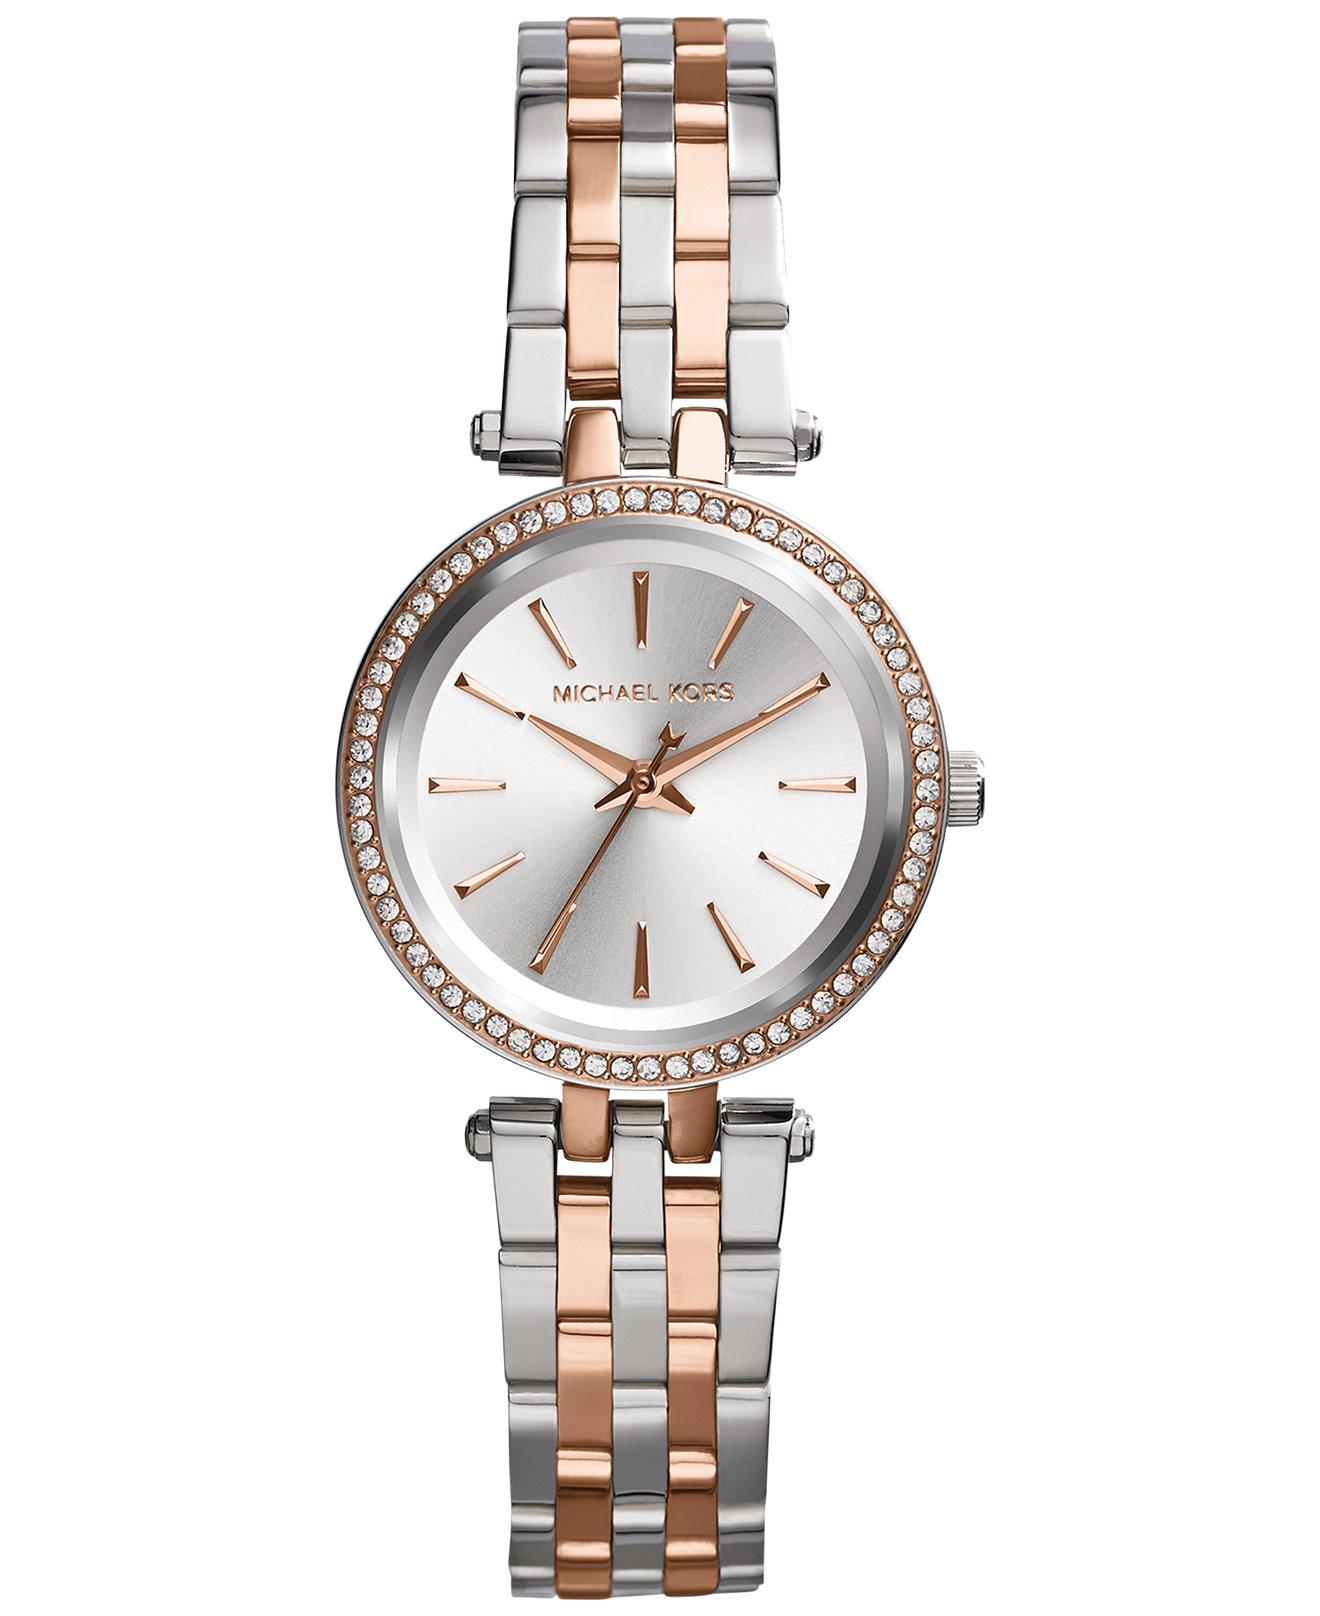 Đồng hồ Michael Kors MK3298 cho nữ